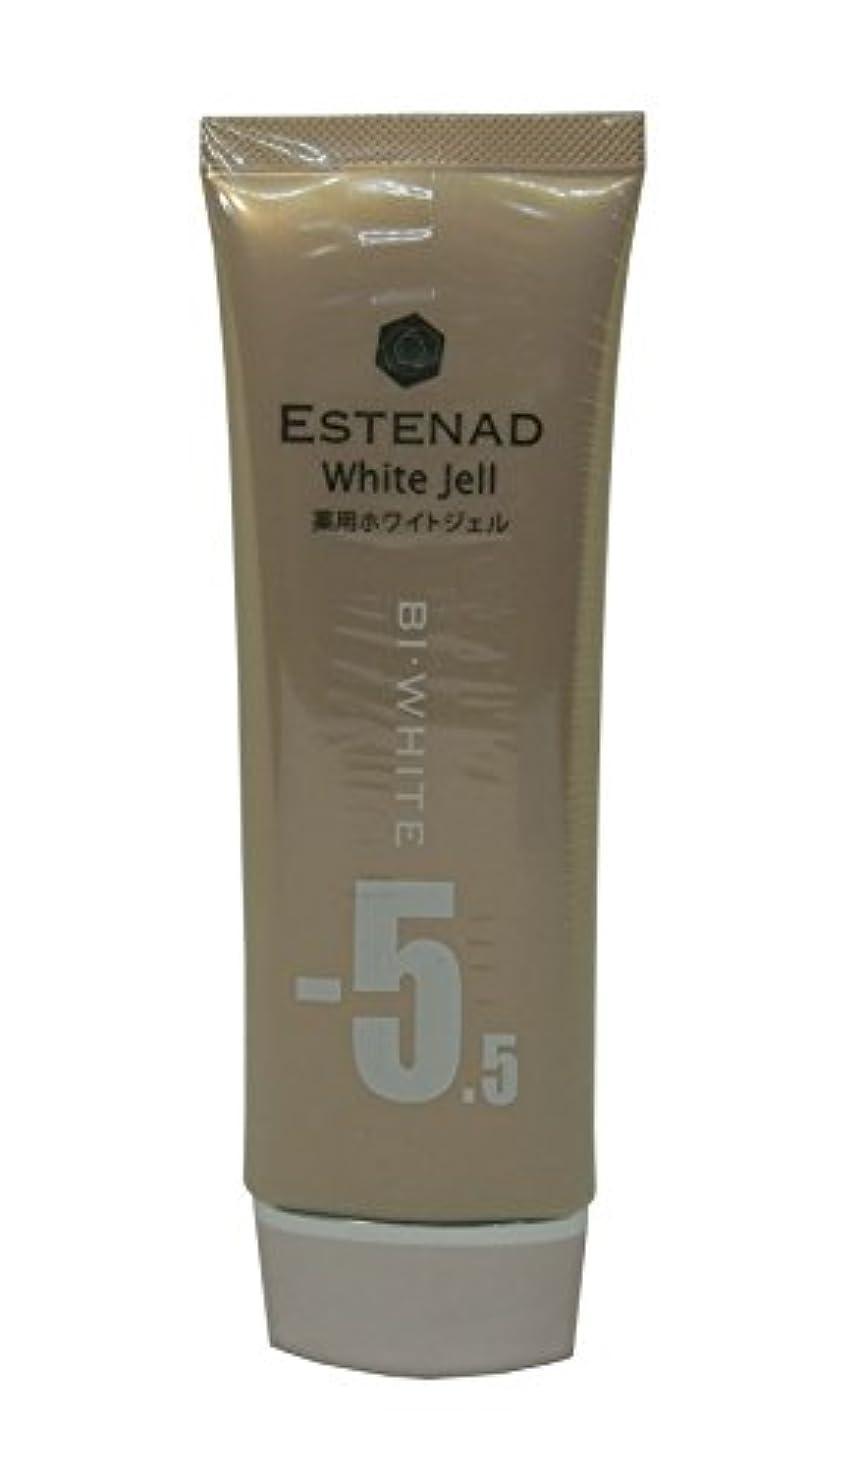 お互い旅ものエステナード 薬用ホワイトジェル 70g 美容クリーム